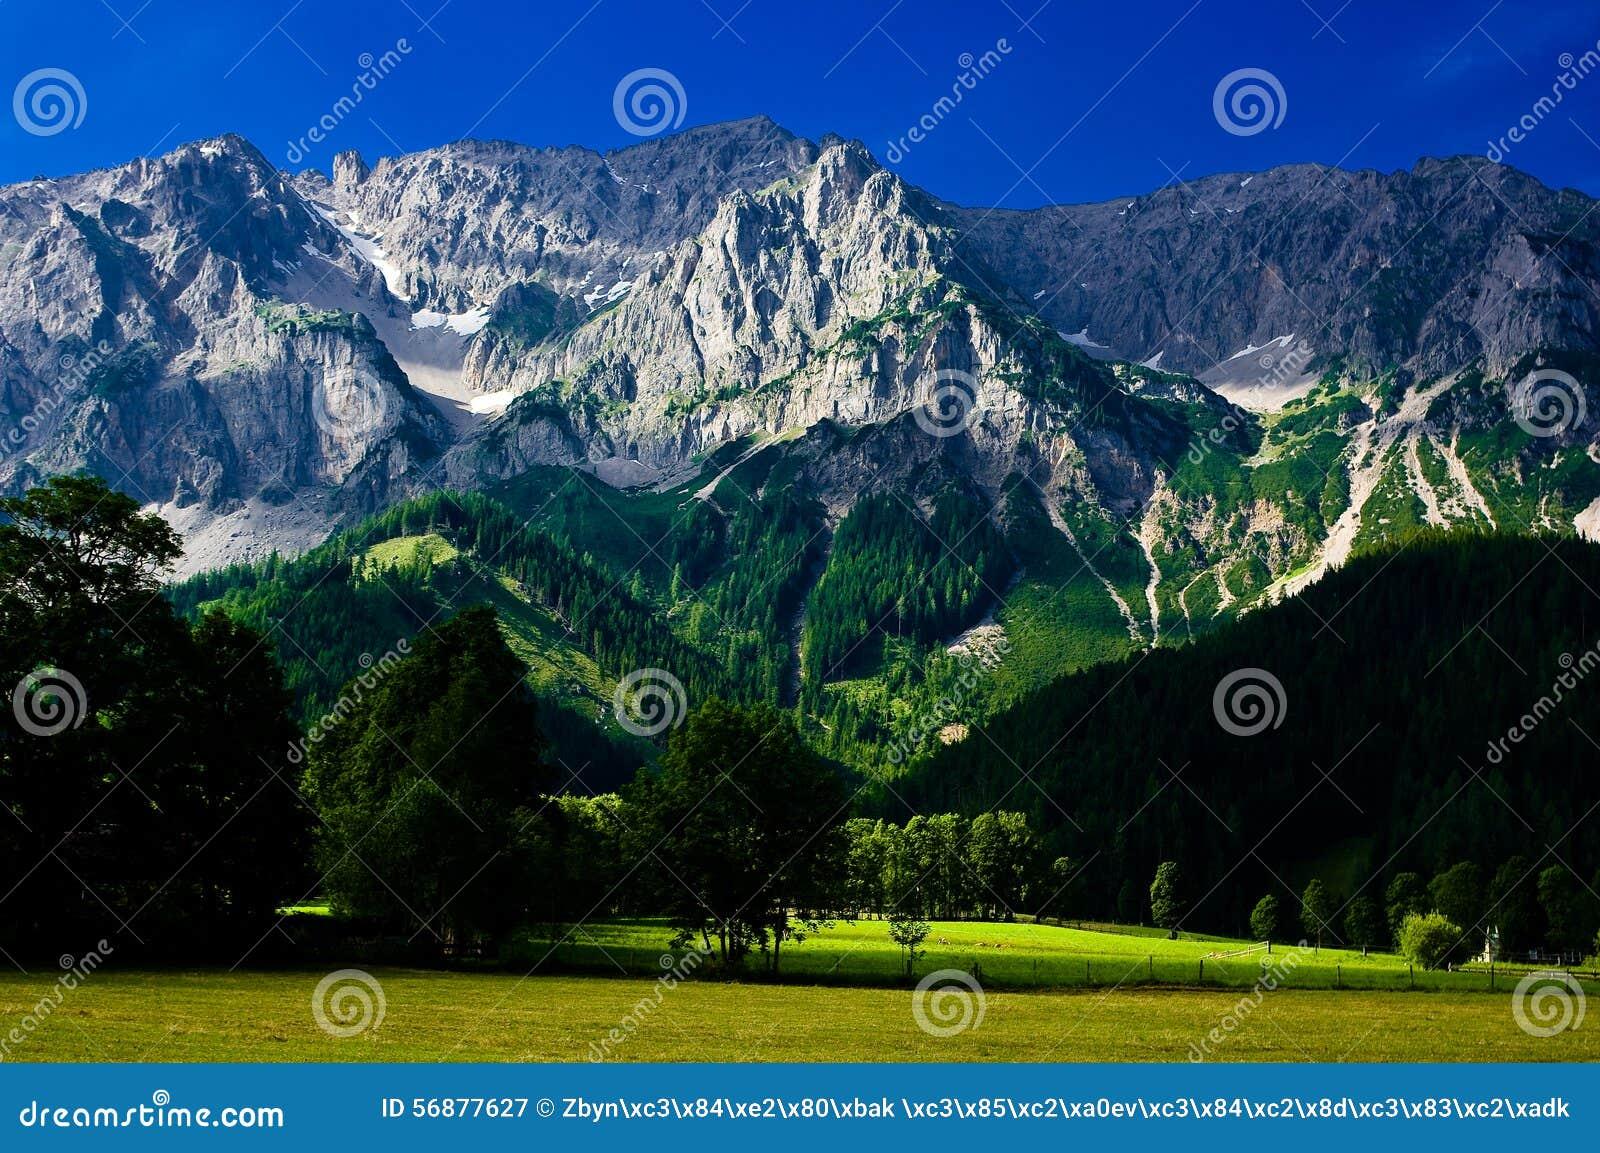 La campagna intorno alla città di Ramsau Dachstein